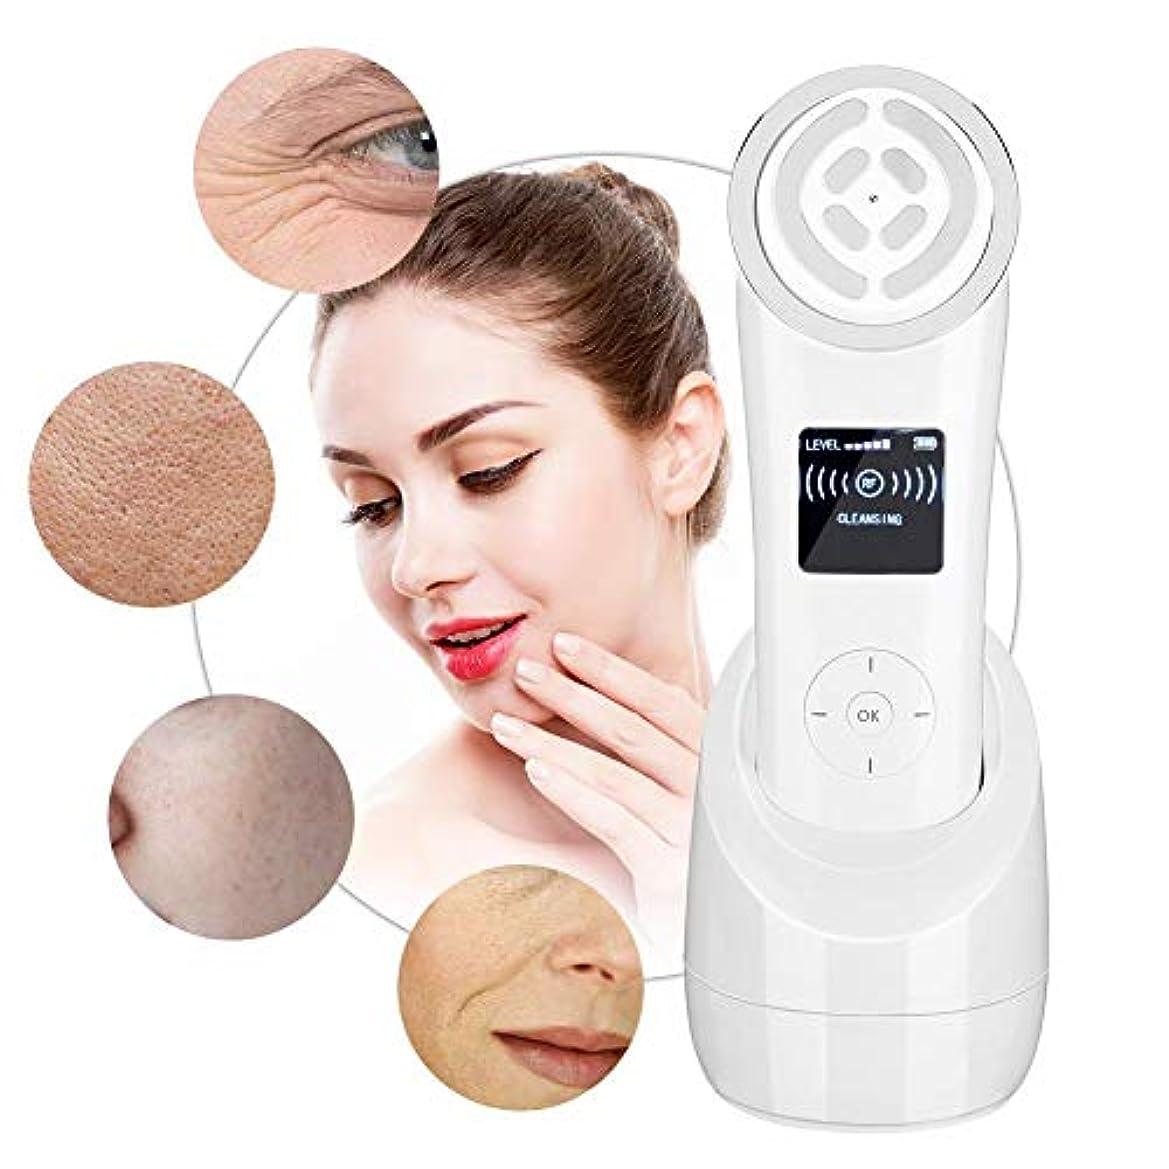 トレイ病院アクティビティ顔の美しさのマシン - RF周波数アンチエイジングアンチリンクル、肌の若返り楽器 - ポータブル若返り肌がEMS筋肉刺激を強化(UE)